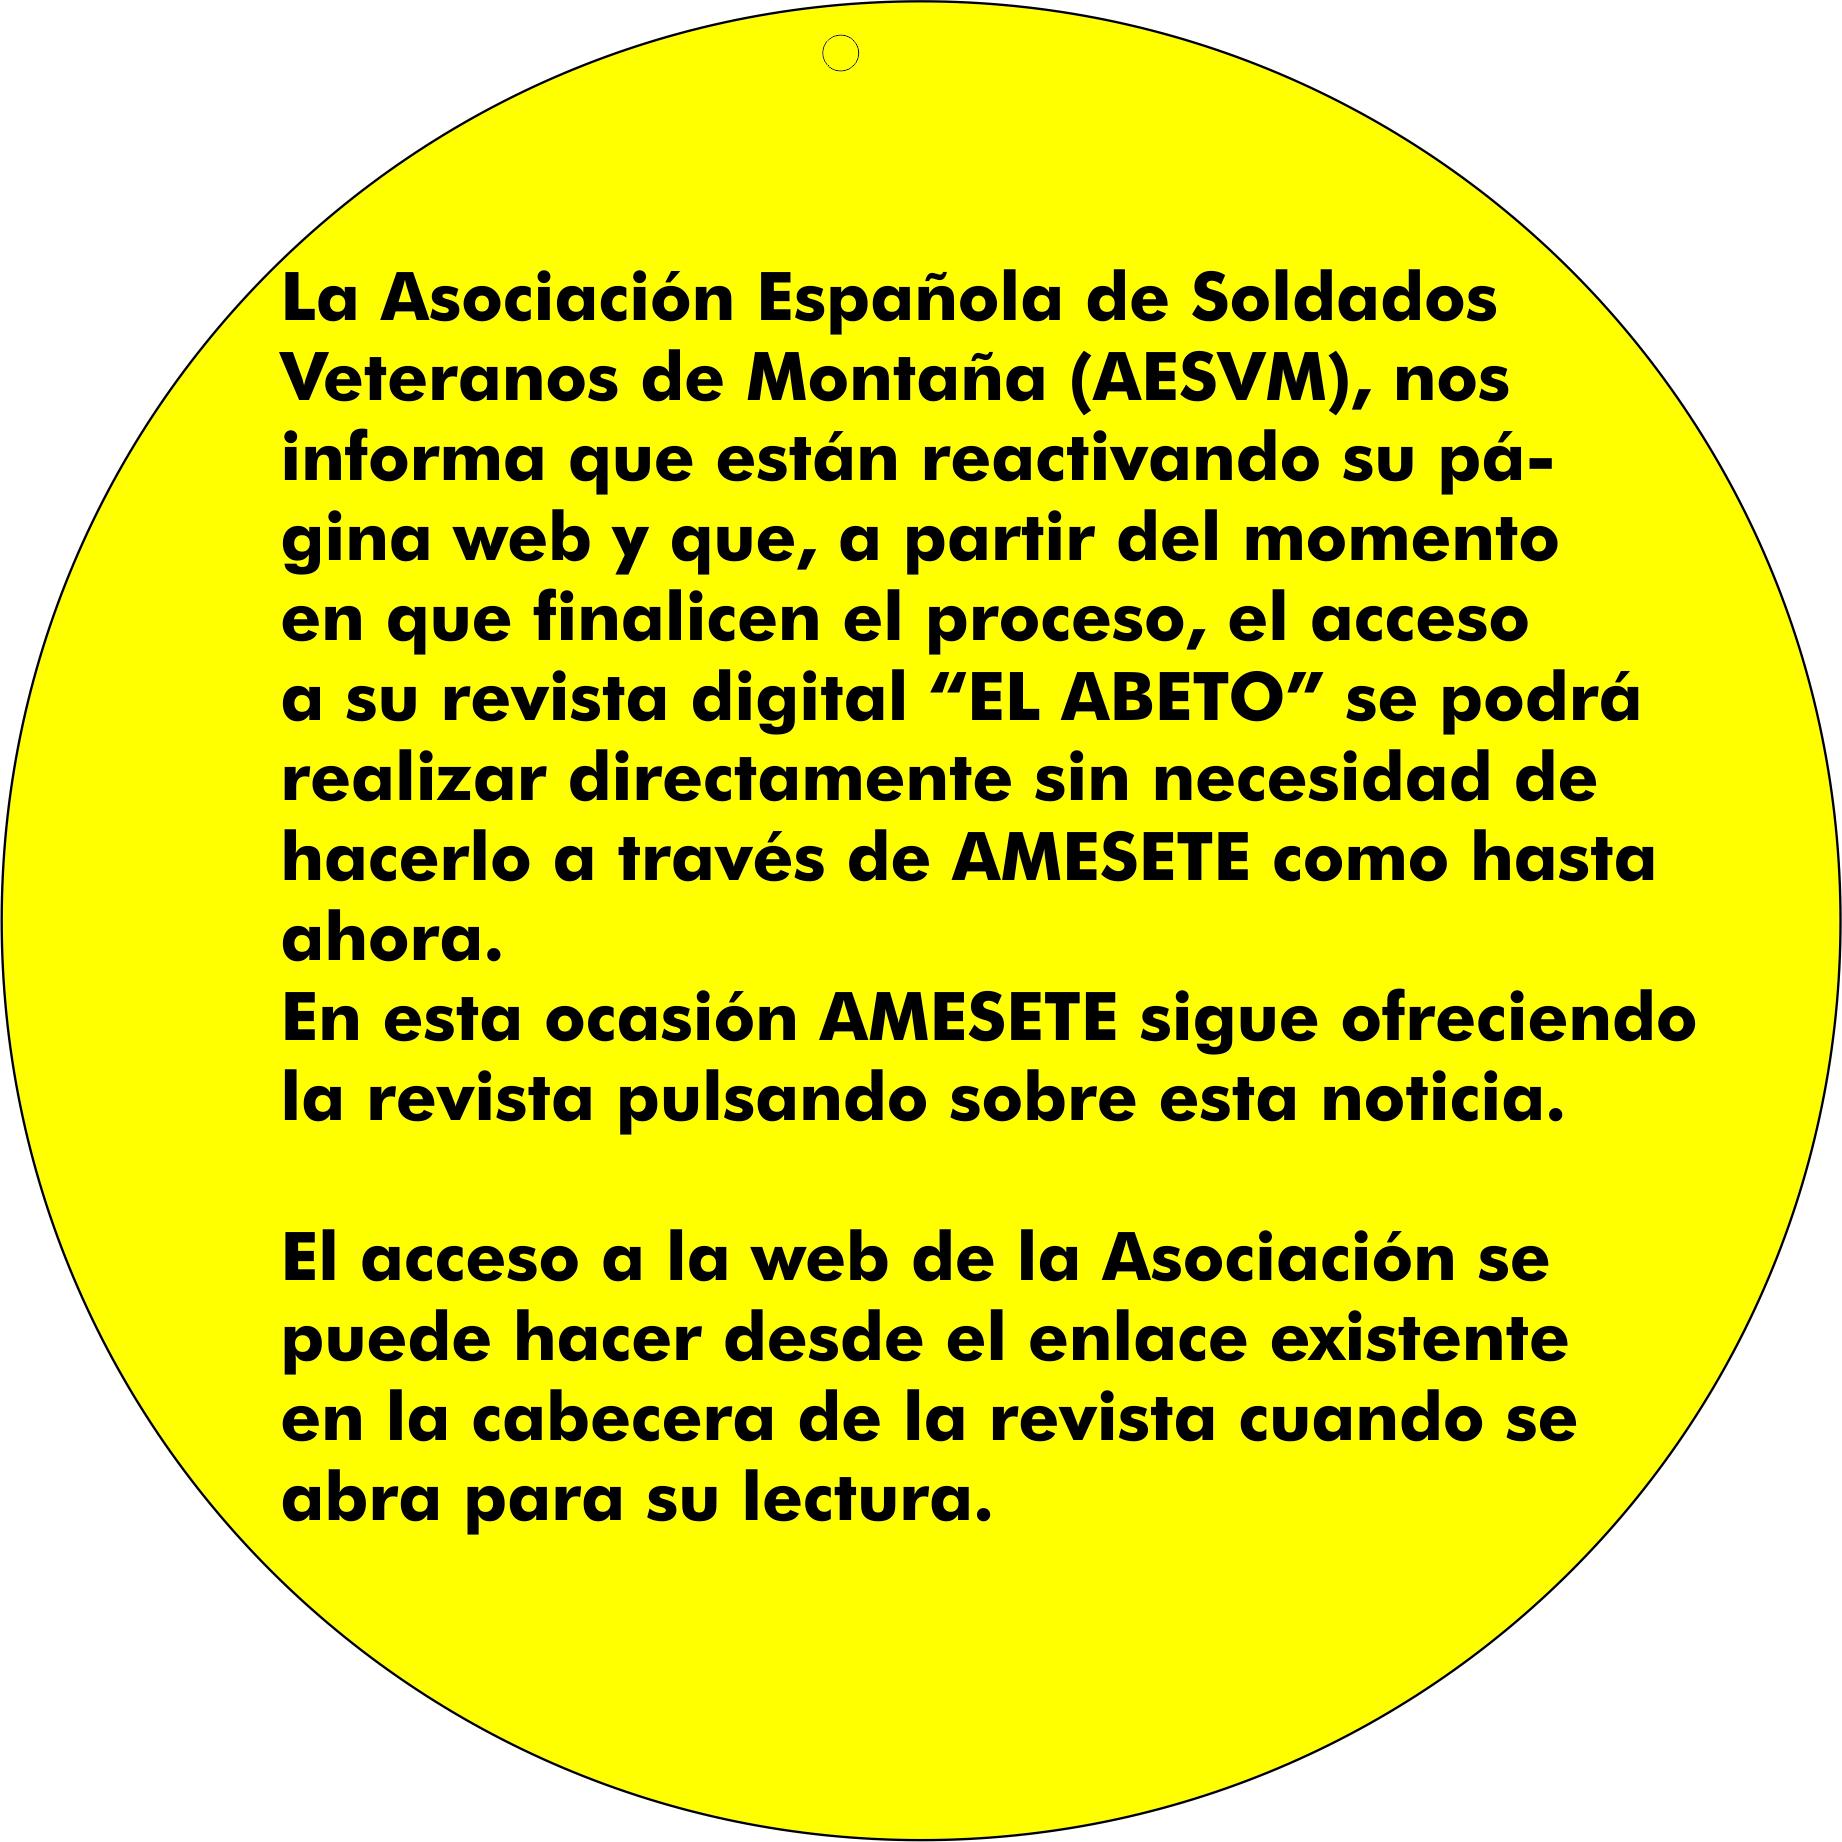 ALERTAS EN WEB. Nueva web de AESVM y revista digital EL ABETO